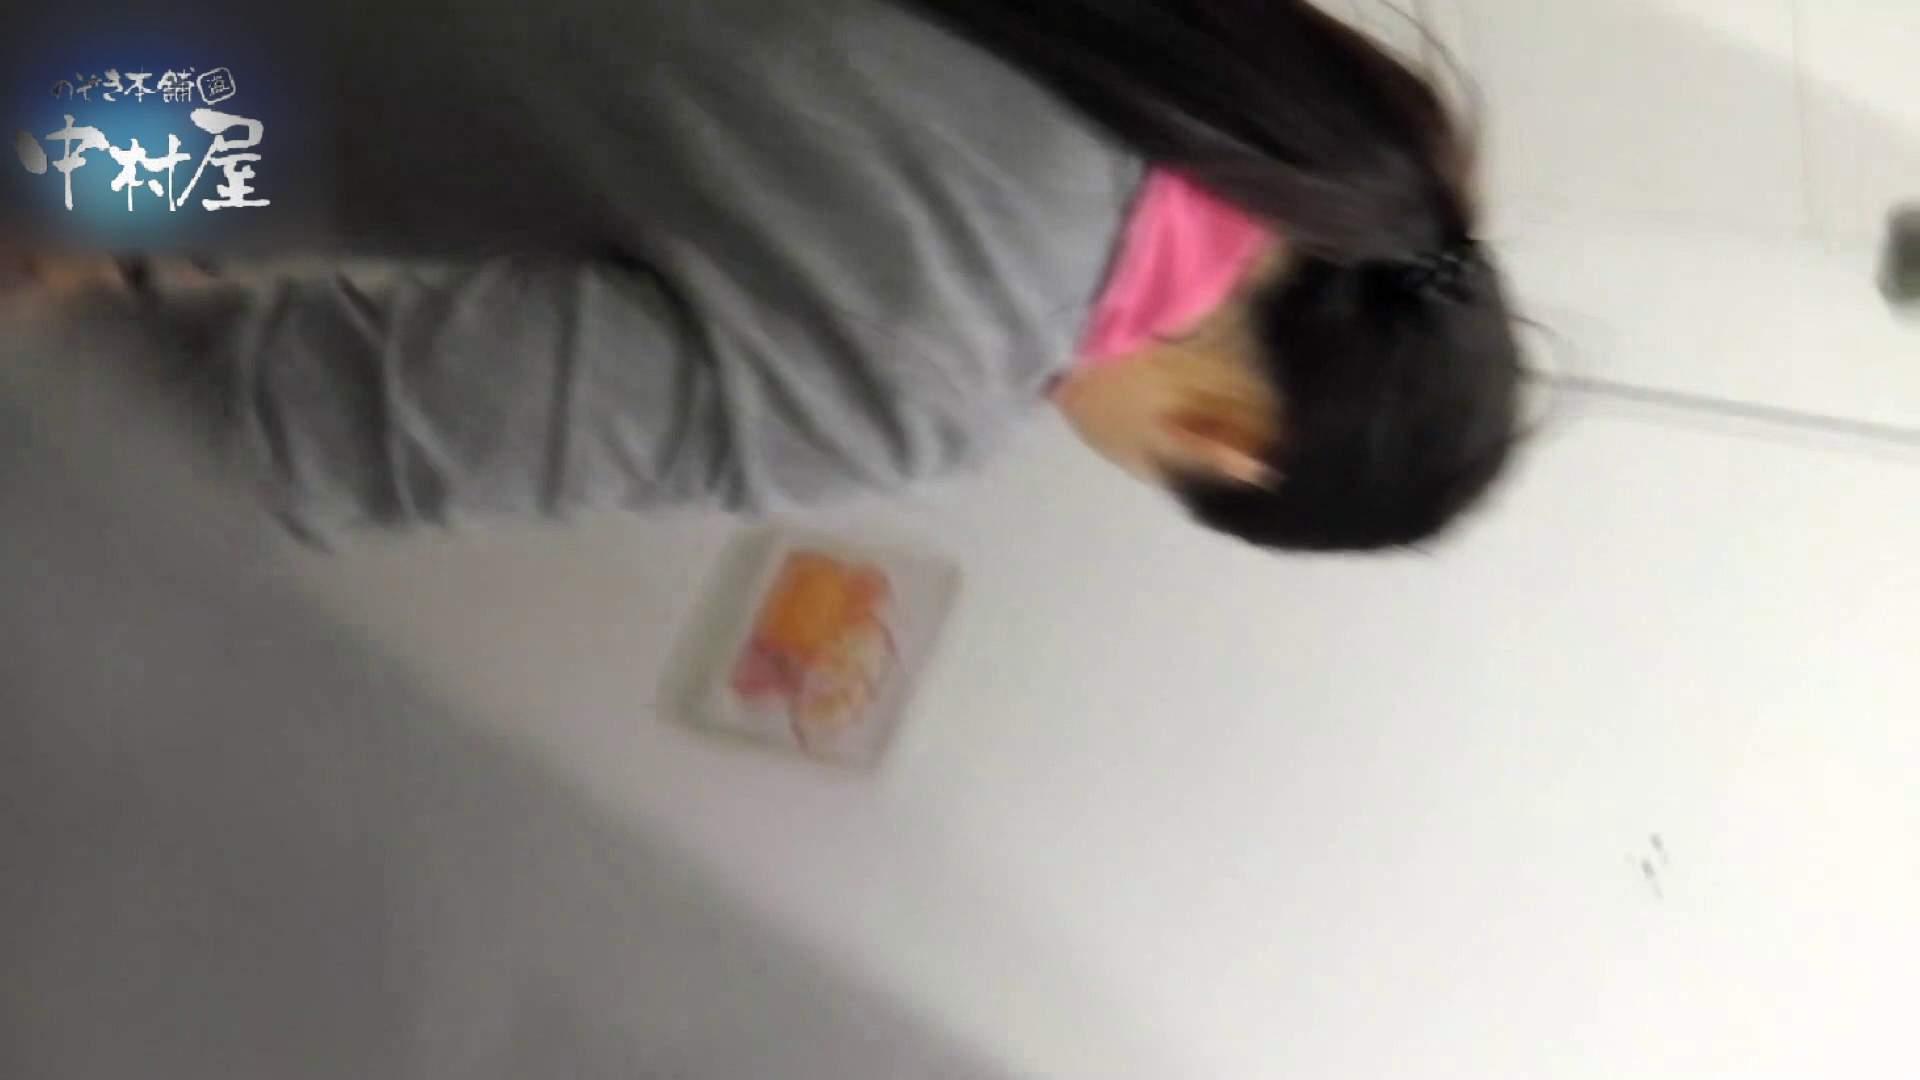 乙女集まる!ショッピングモール潜入撮vol.05 乙女のエロ動画 セックス画像 80PIX 69